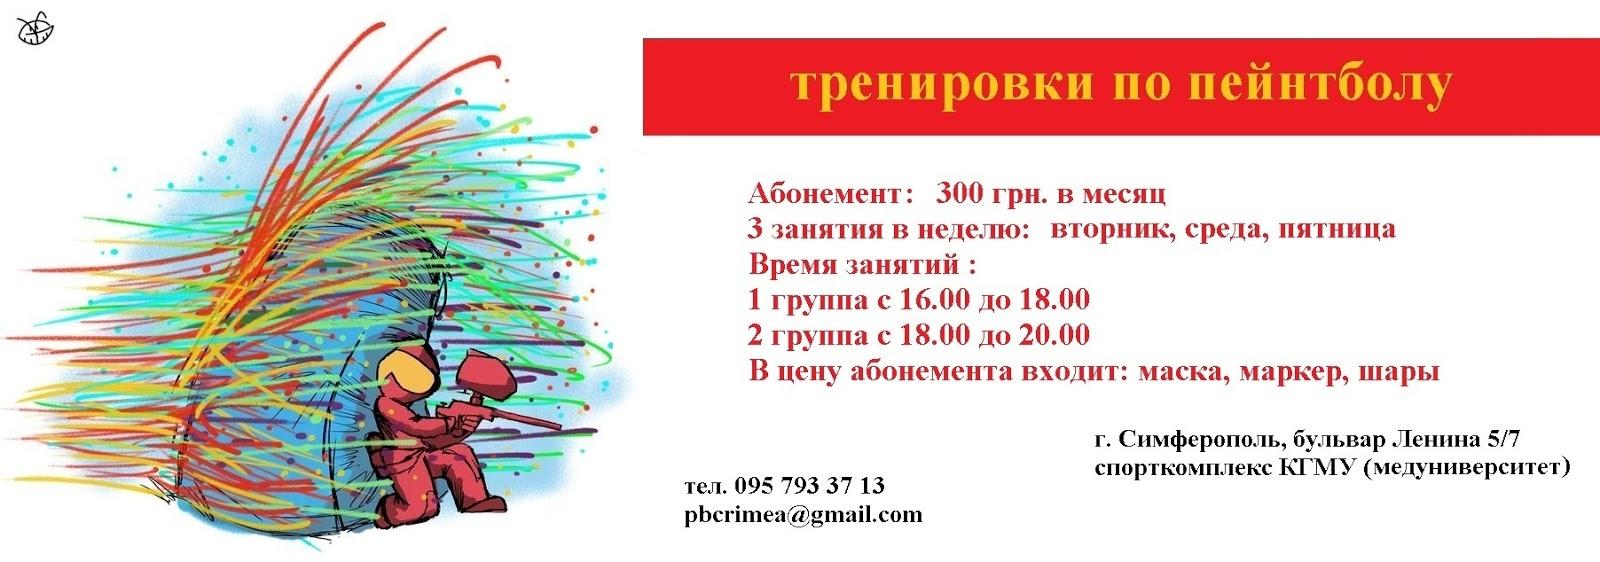 Пейнтбольные тренировки в Симферополе.